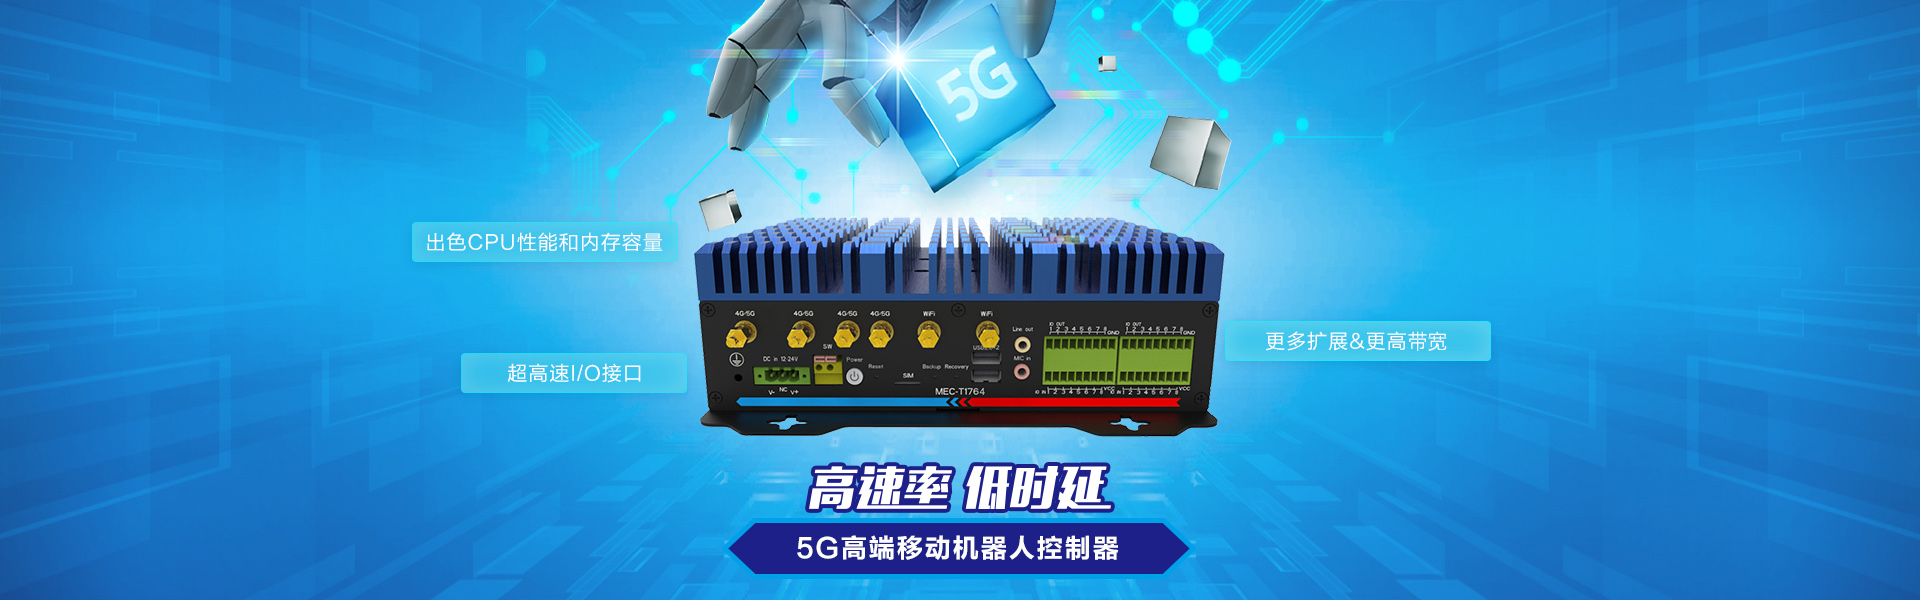 广州特控 基于5G通信的高性能无风扇工控机